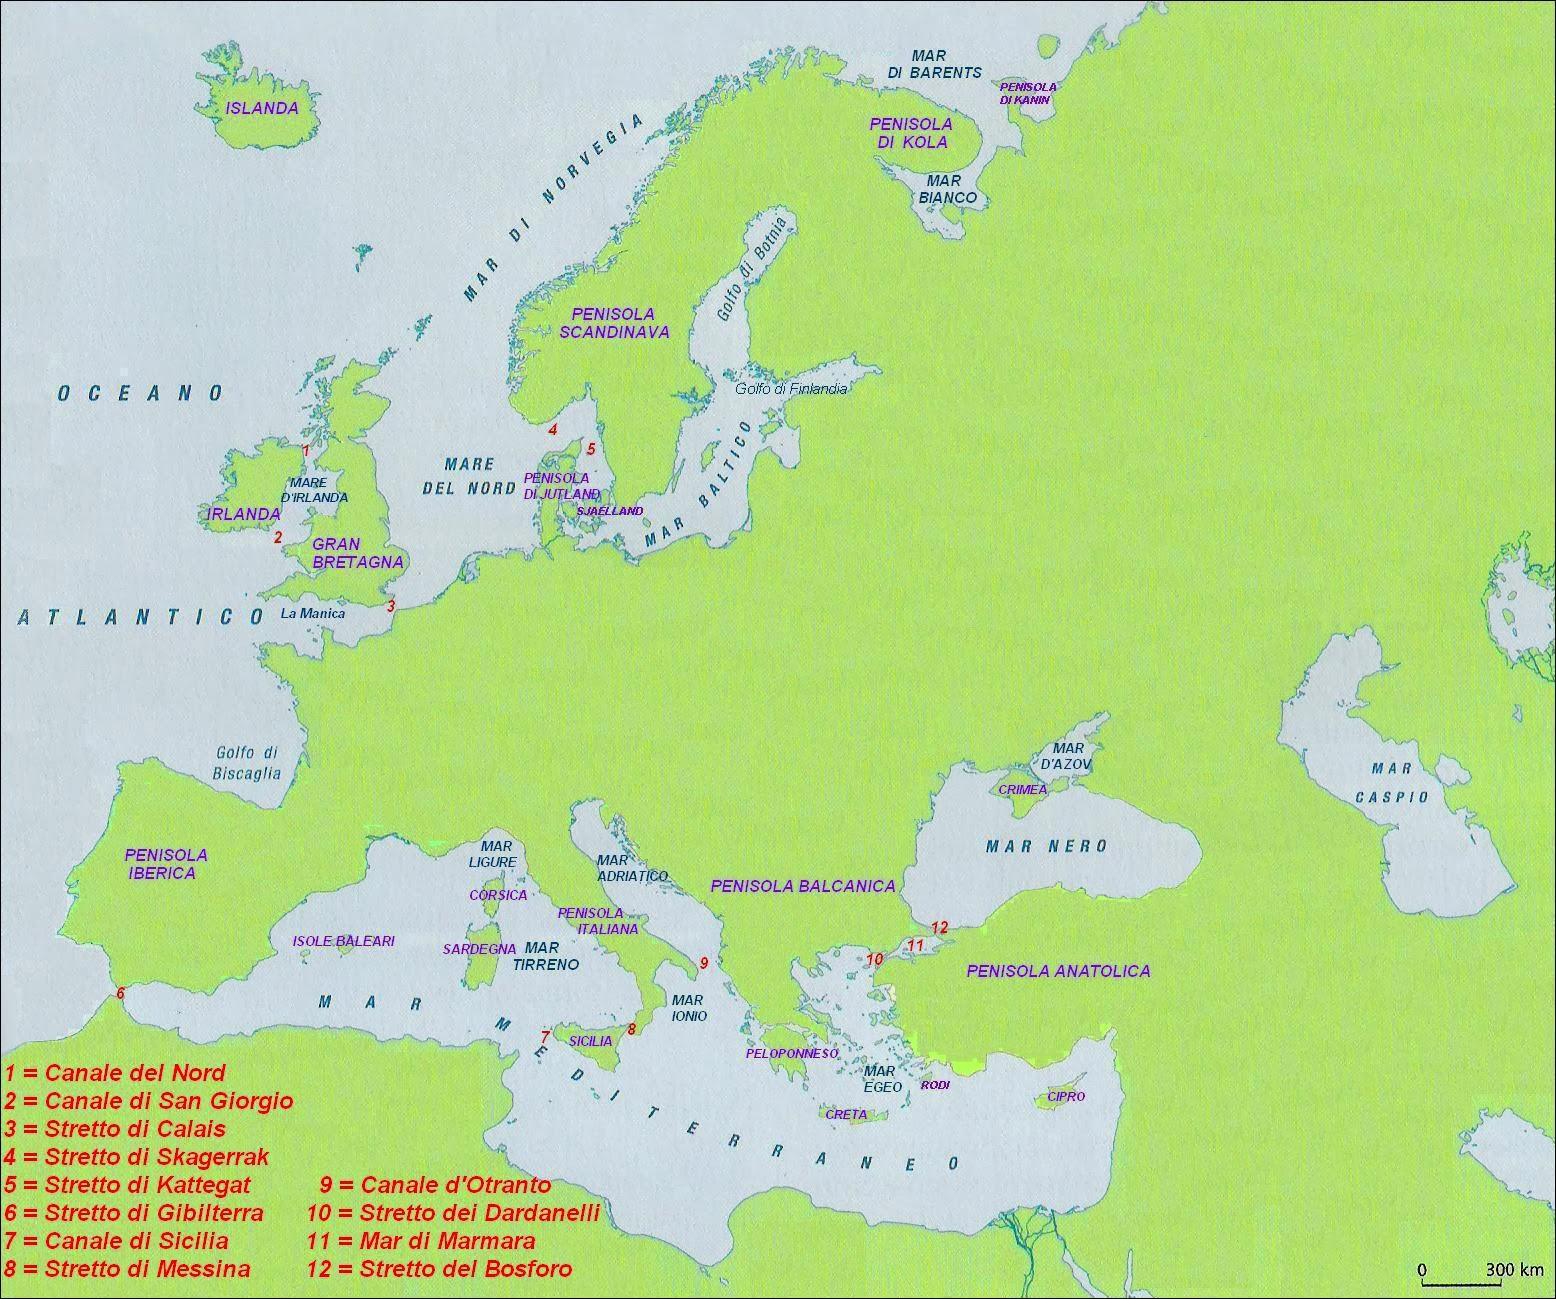 Imparare Con La Geografia 9 Mari Penisole E Isole In Europa